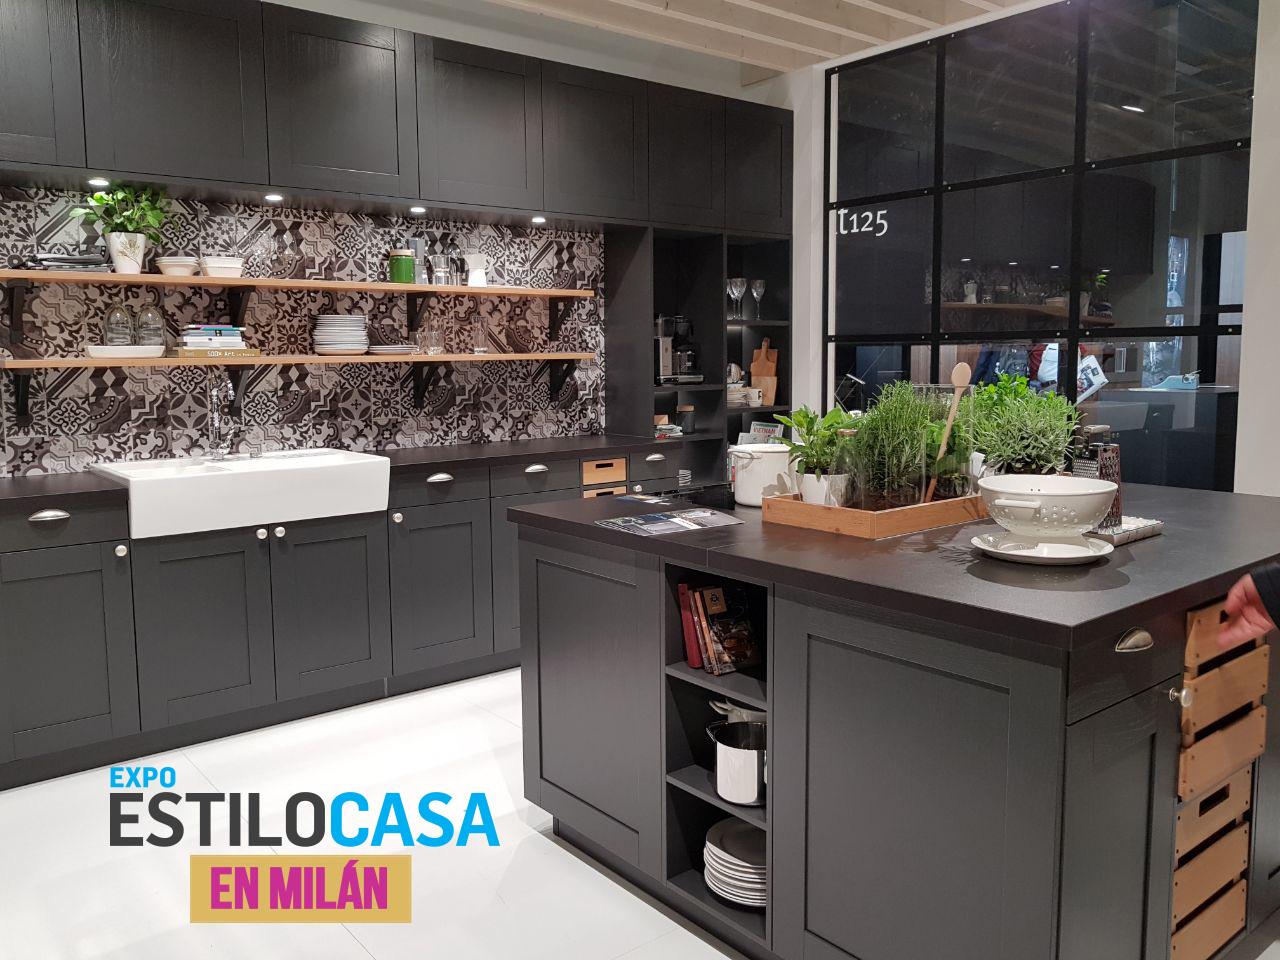 Concluyó la edición 57° del Salón del Mueble de Milán | Expo Estilo Casa